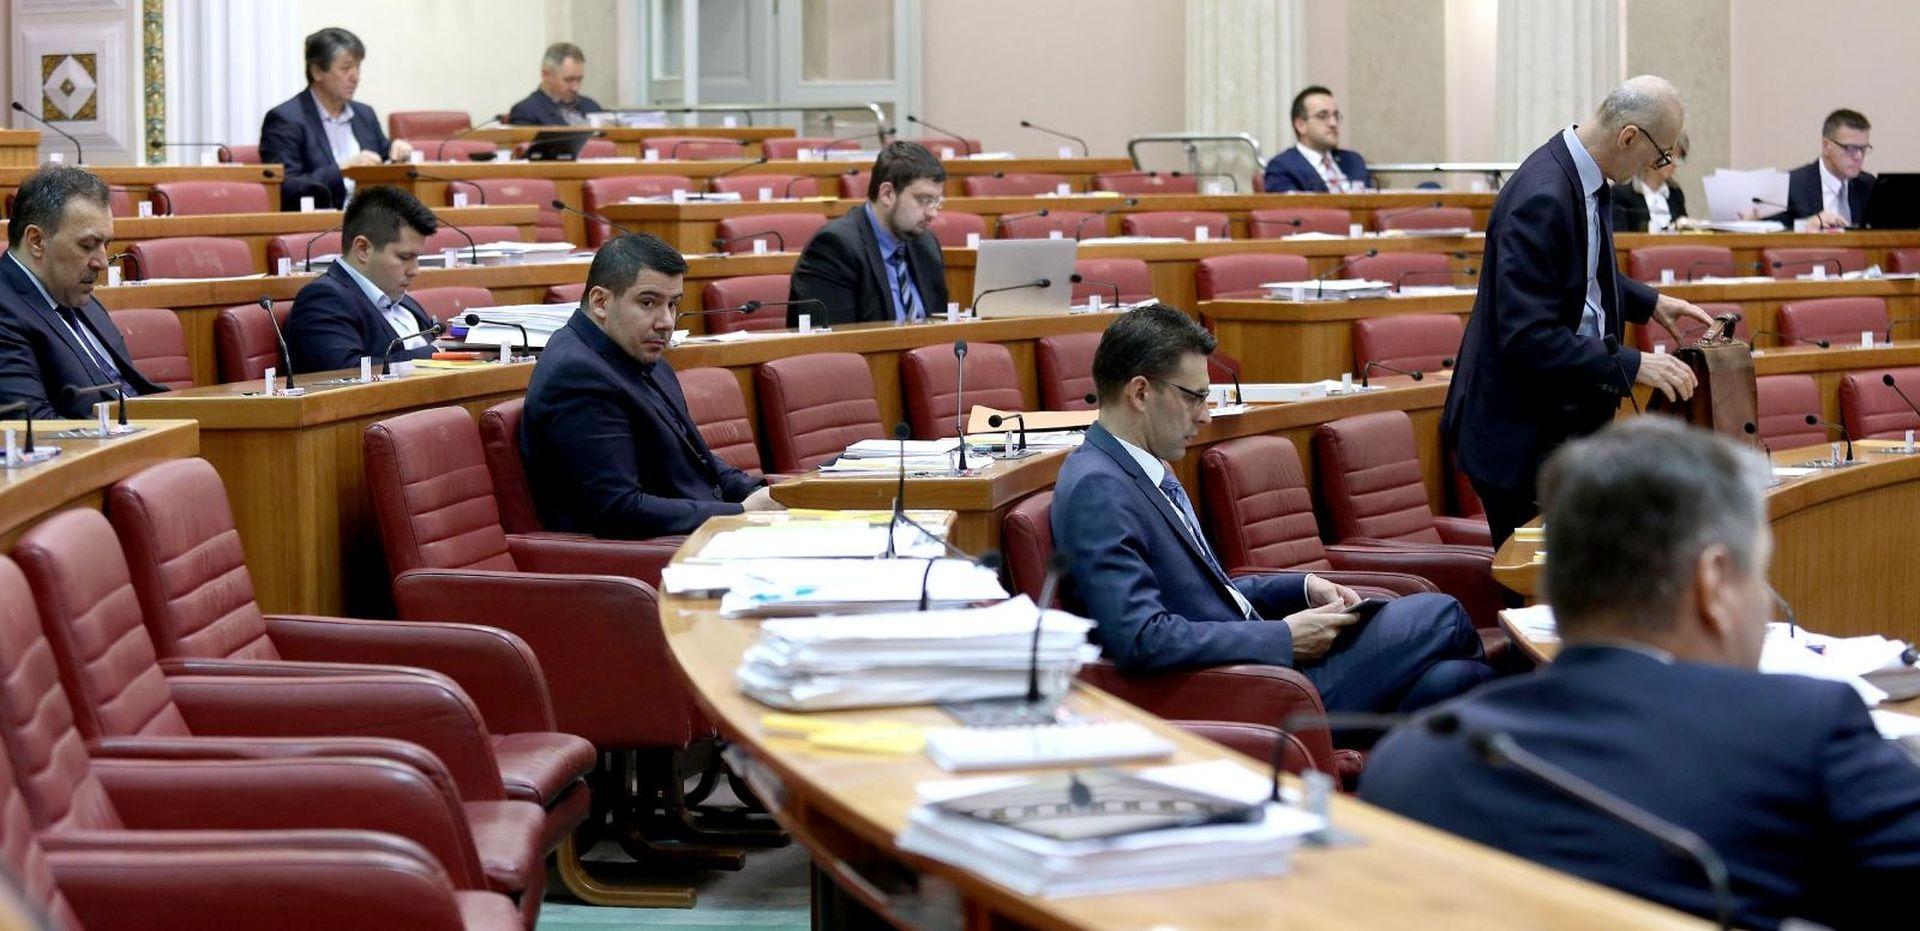 Sabor raspravlja o prijedlogu proračuna za 2019.